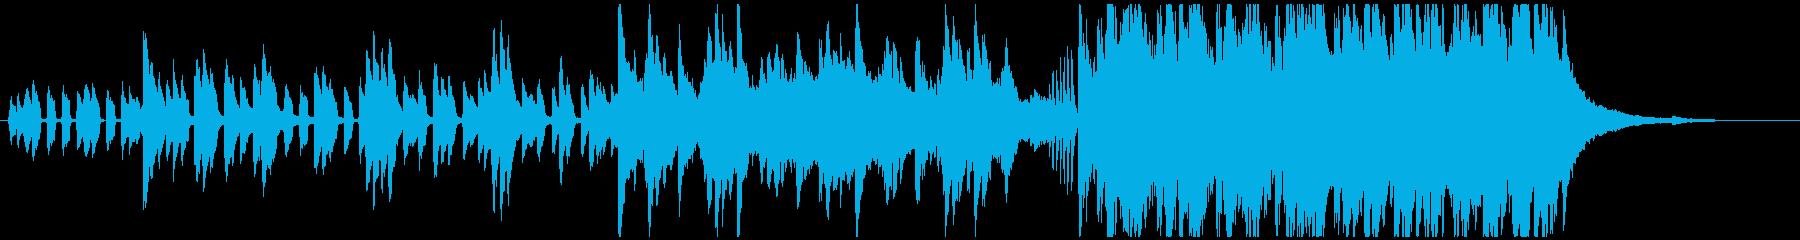 CM風軽快なポップロック 後半盛り上がりの再生済みの波形